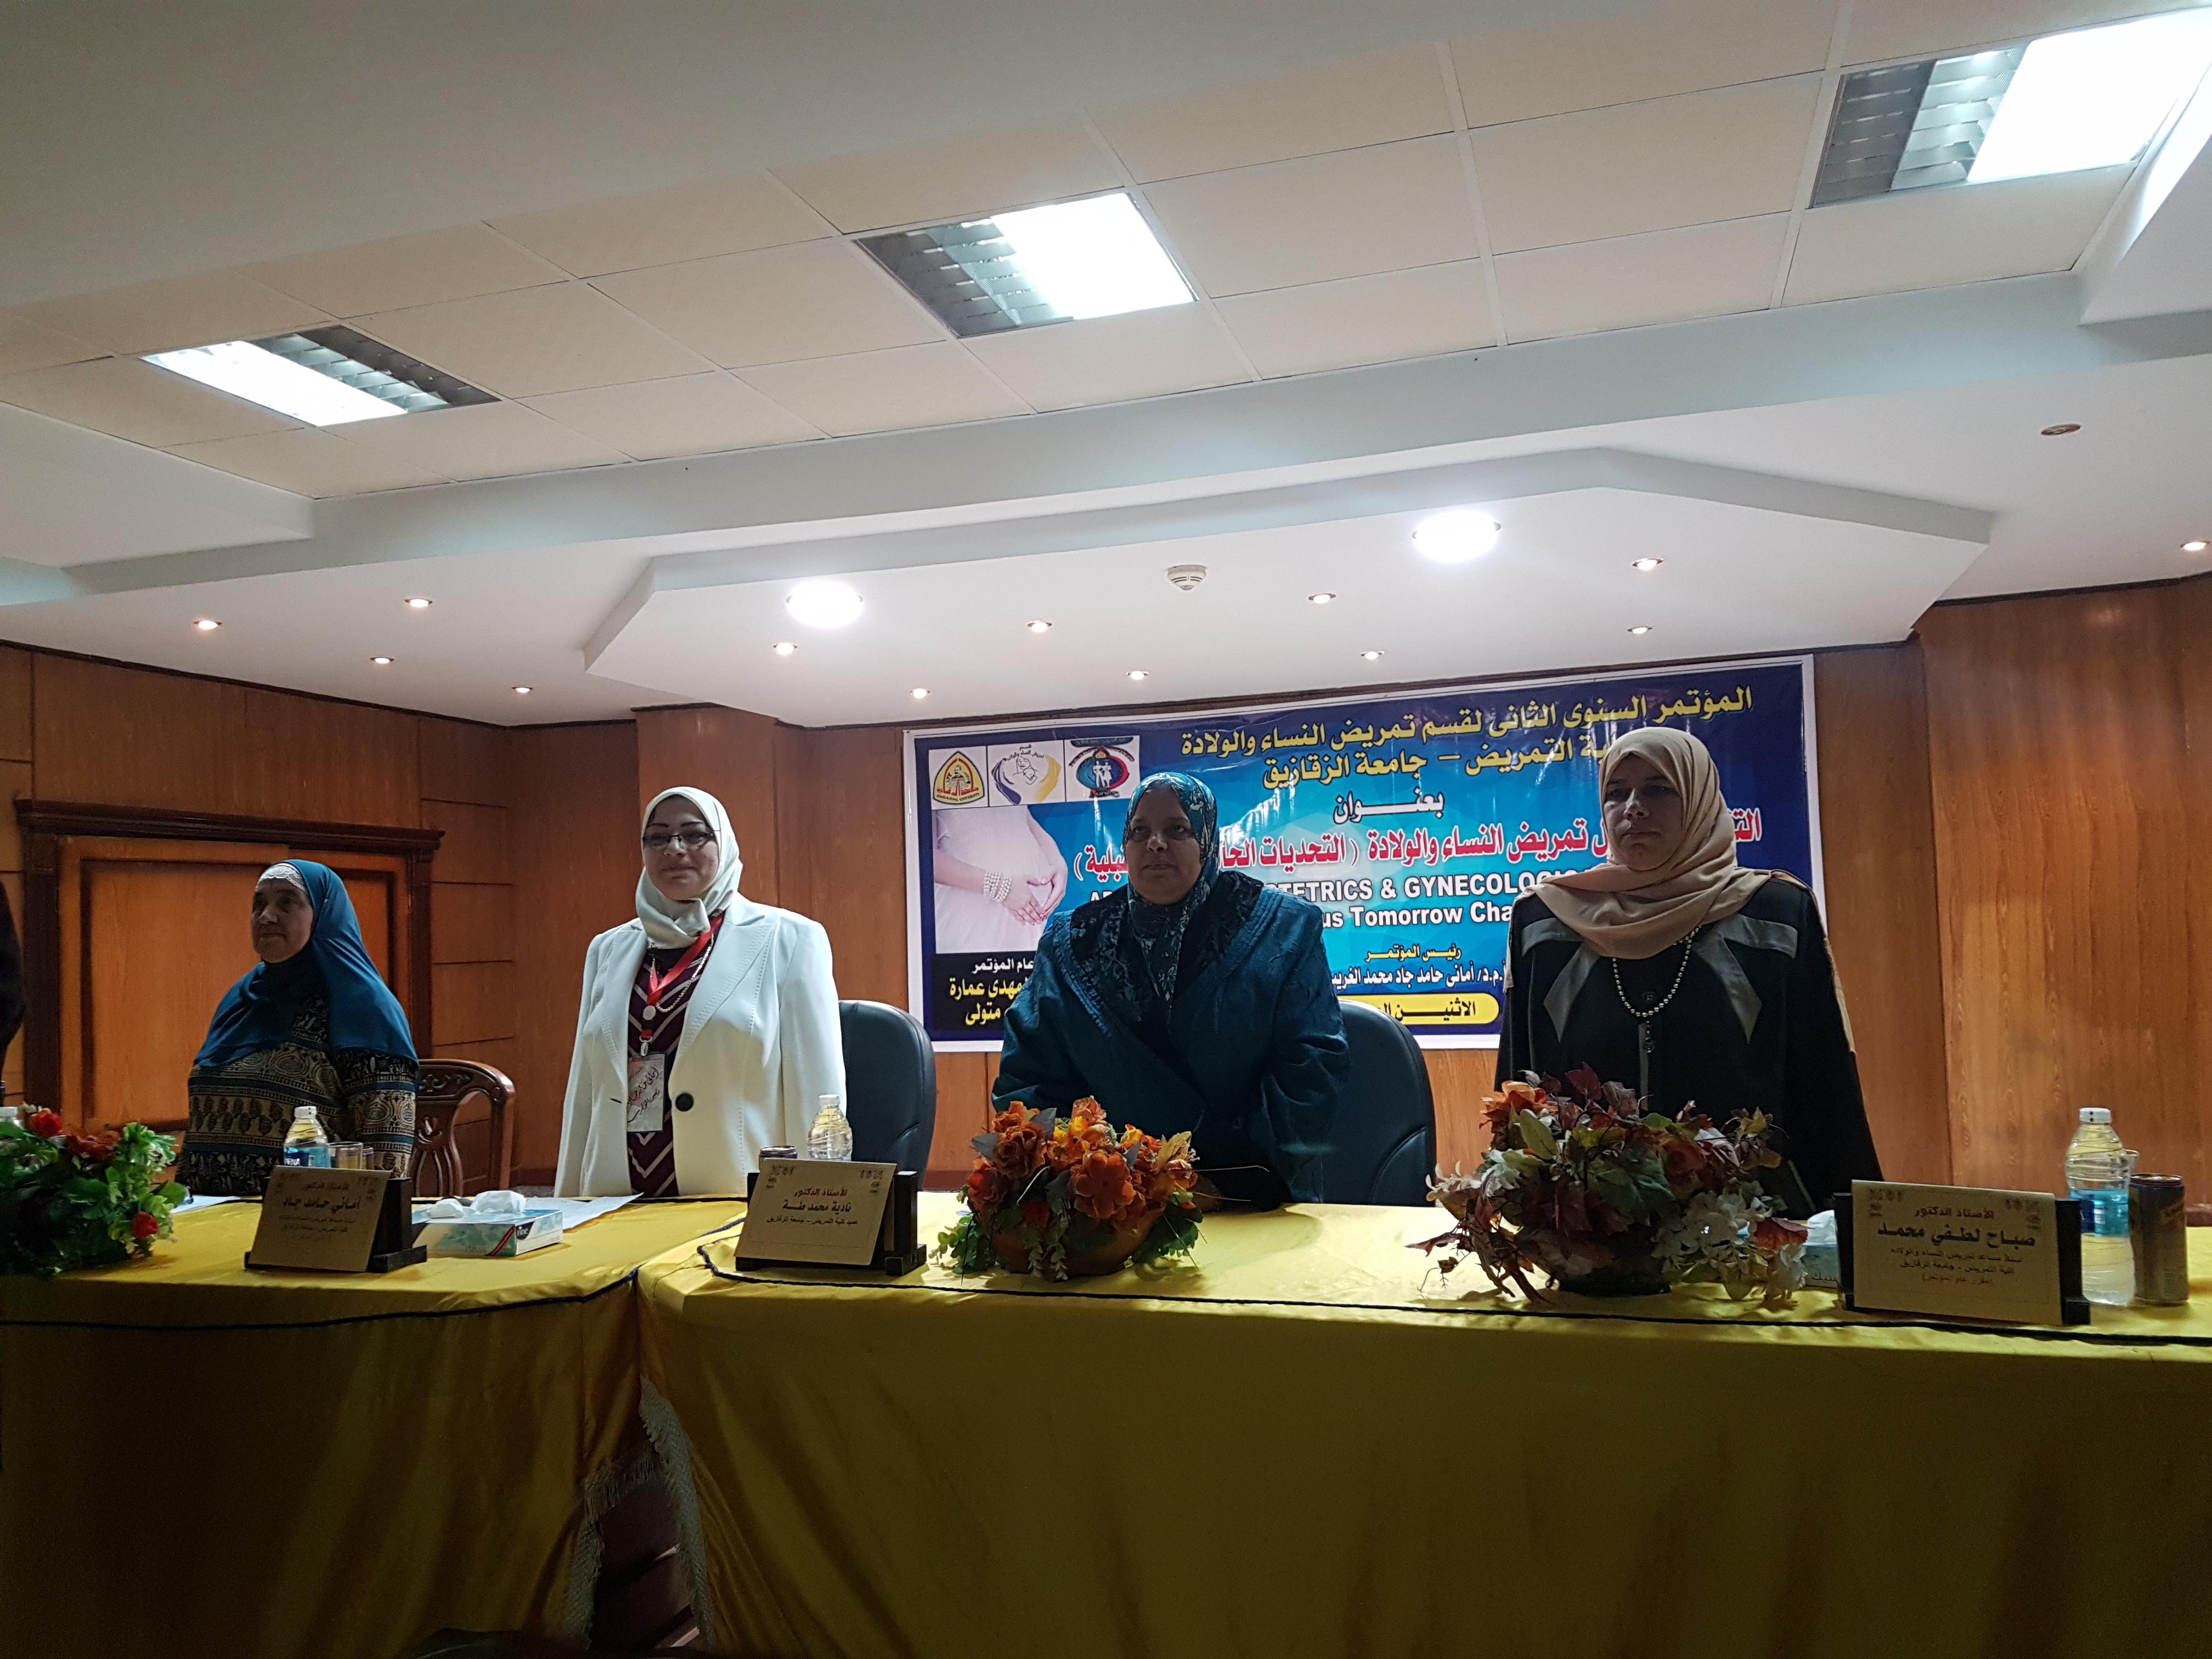 تم بحمد الله بدء فعاليات المؤتمر السنوي الثاني  لقسم تمريض النساء بعنوان التقدم فى مجال تمريض النساء والولادة :  التحديات الحالية والمستقبلية